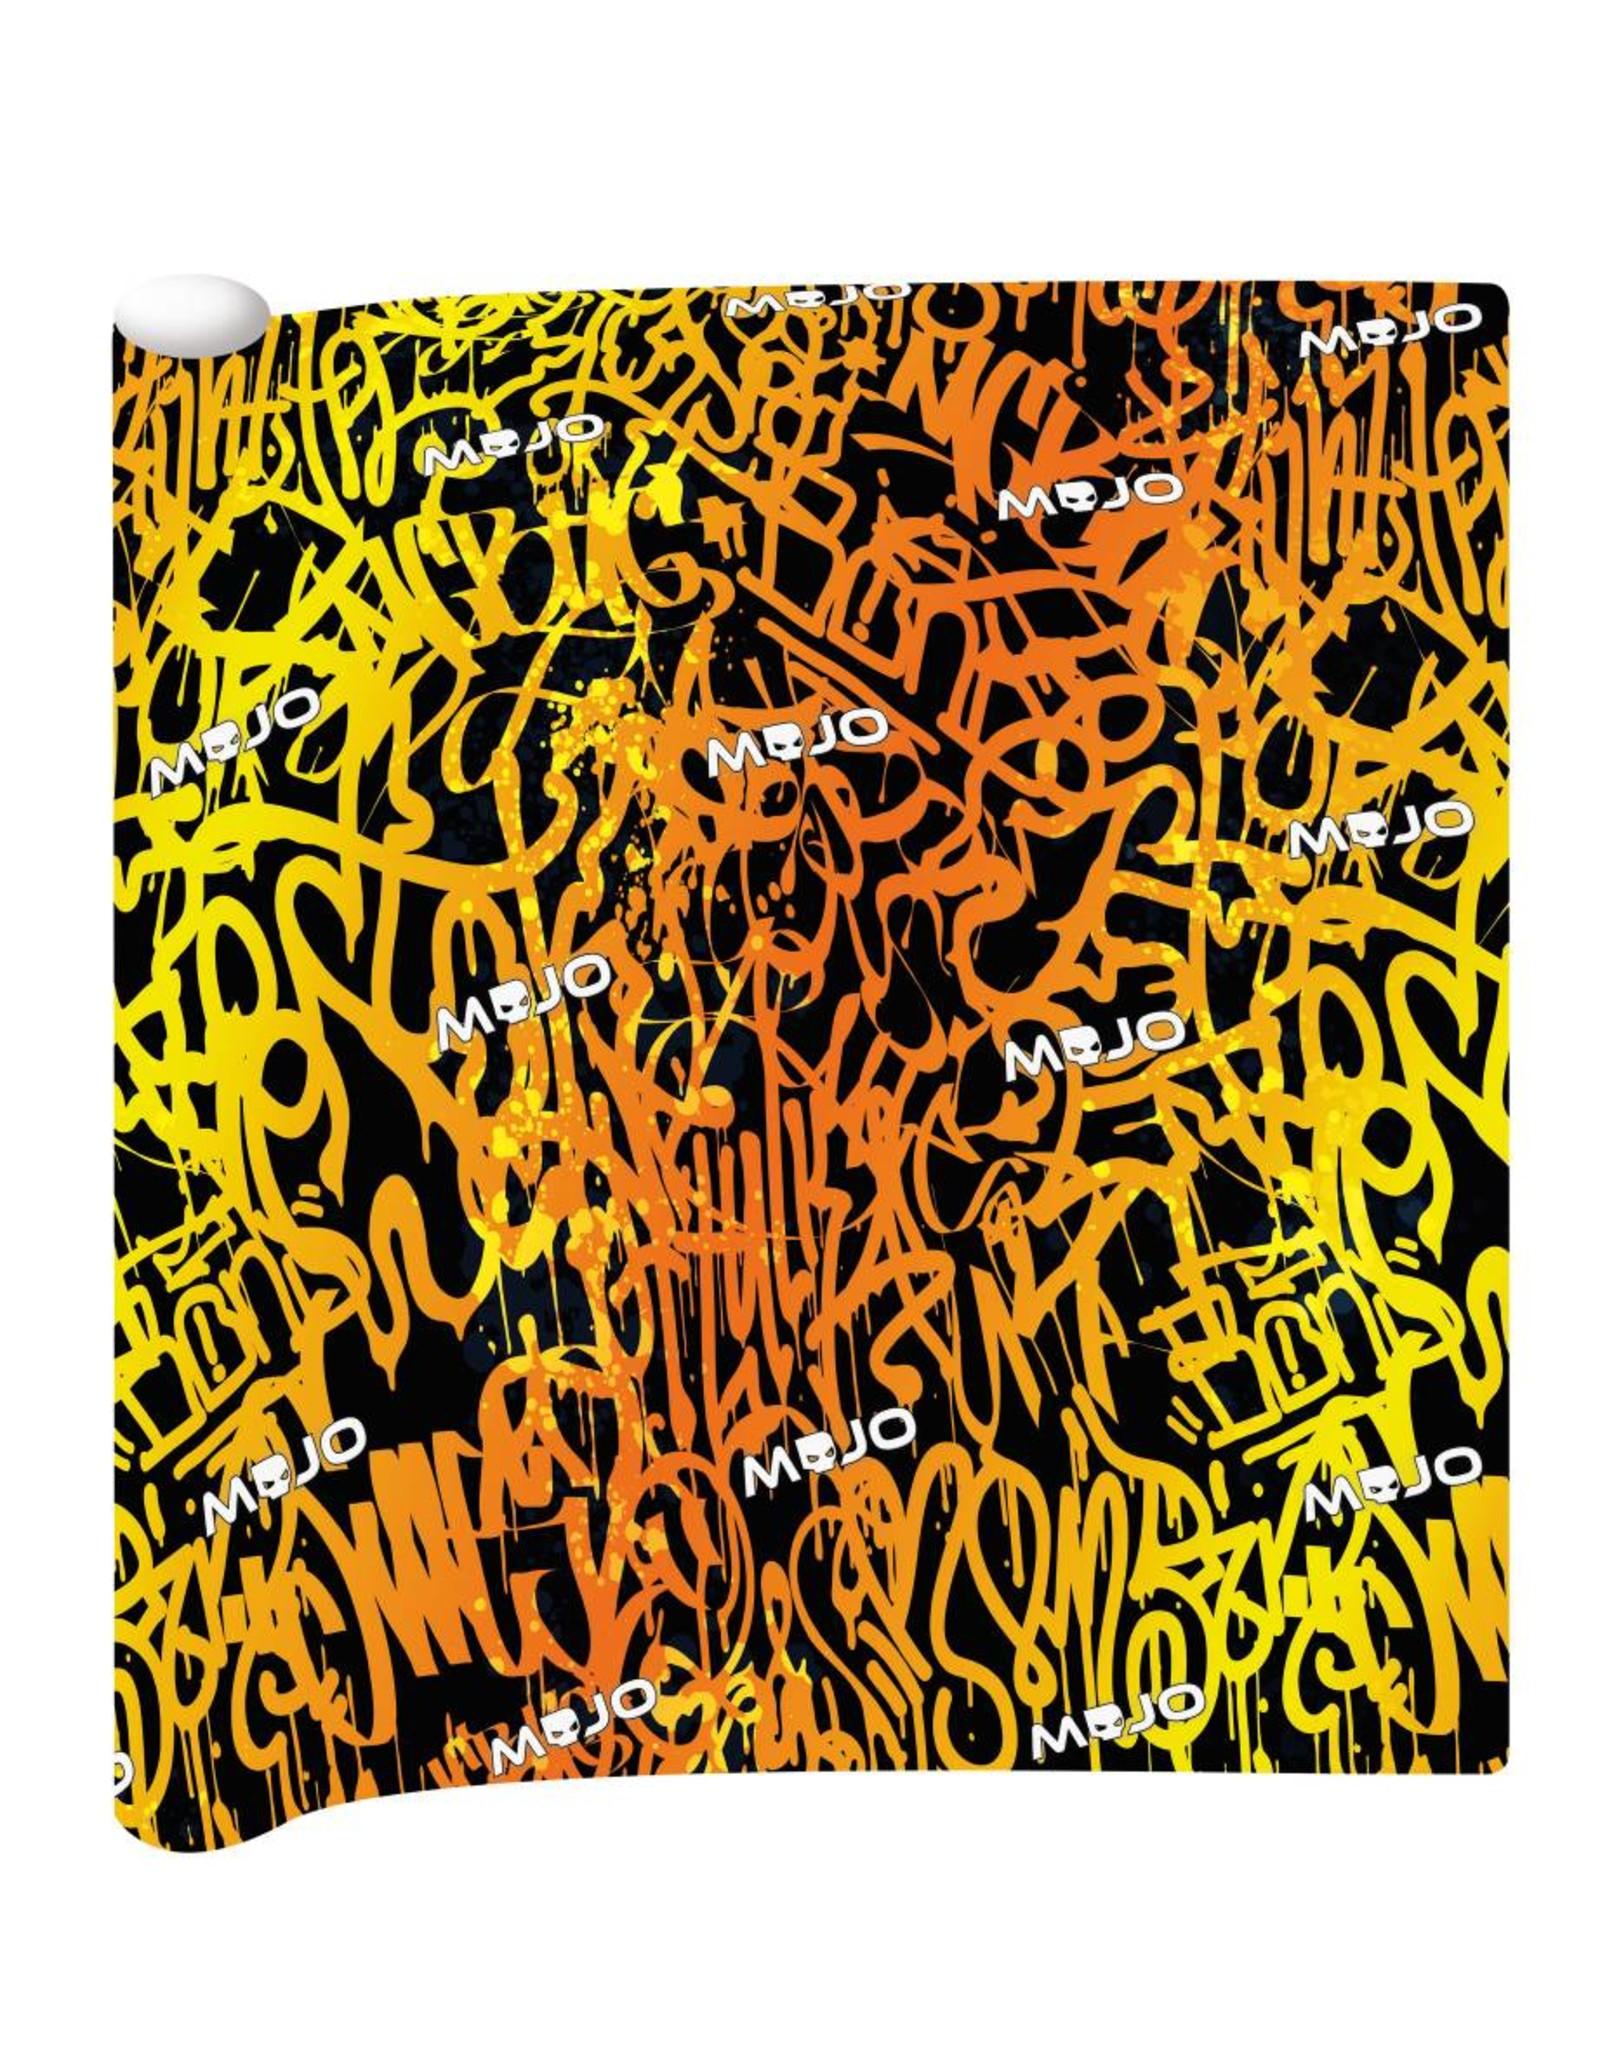 Kaftpapier Mojo graffiti